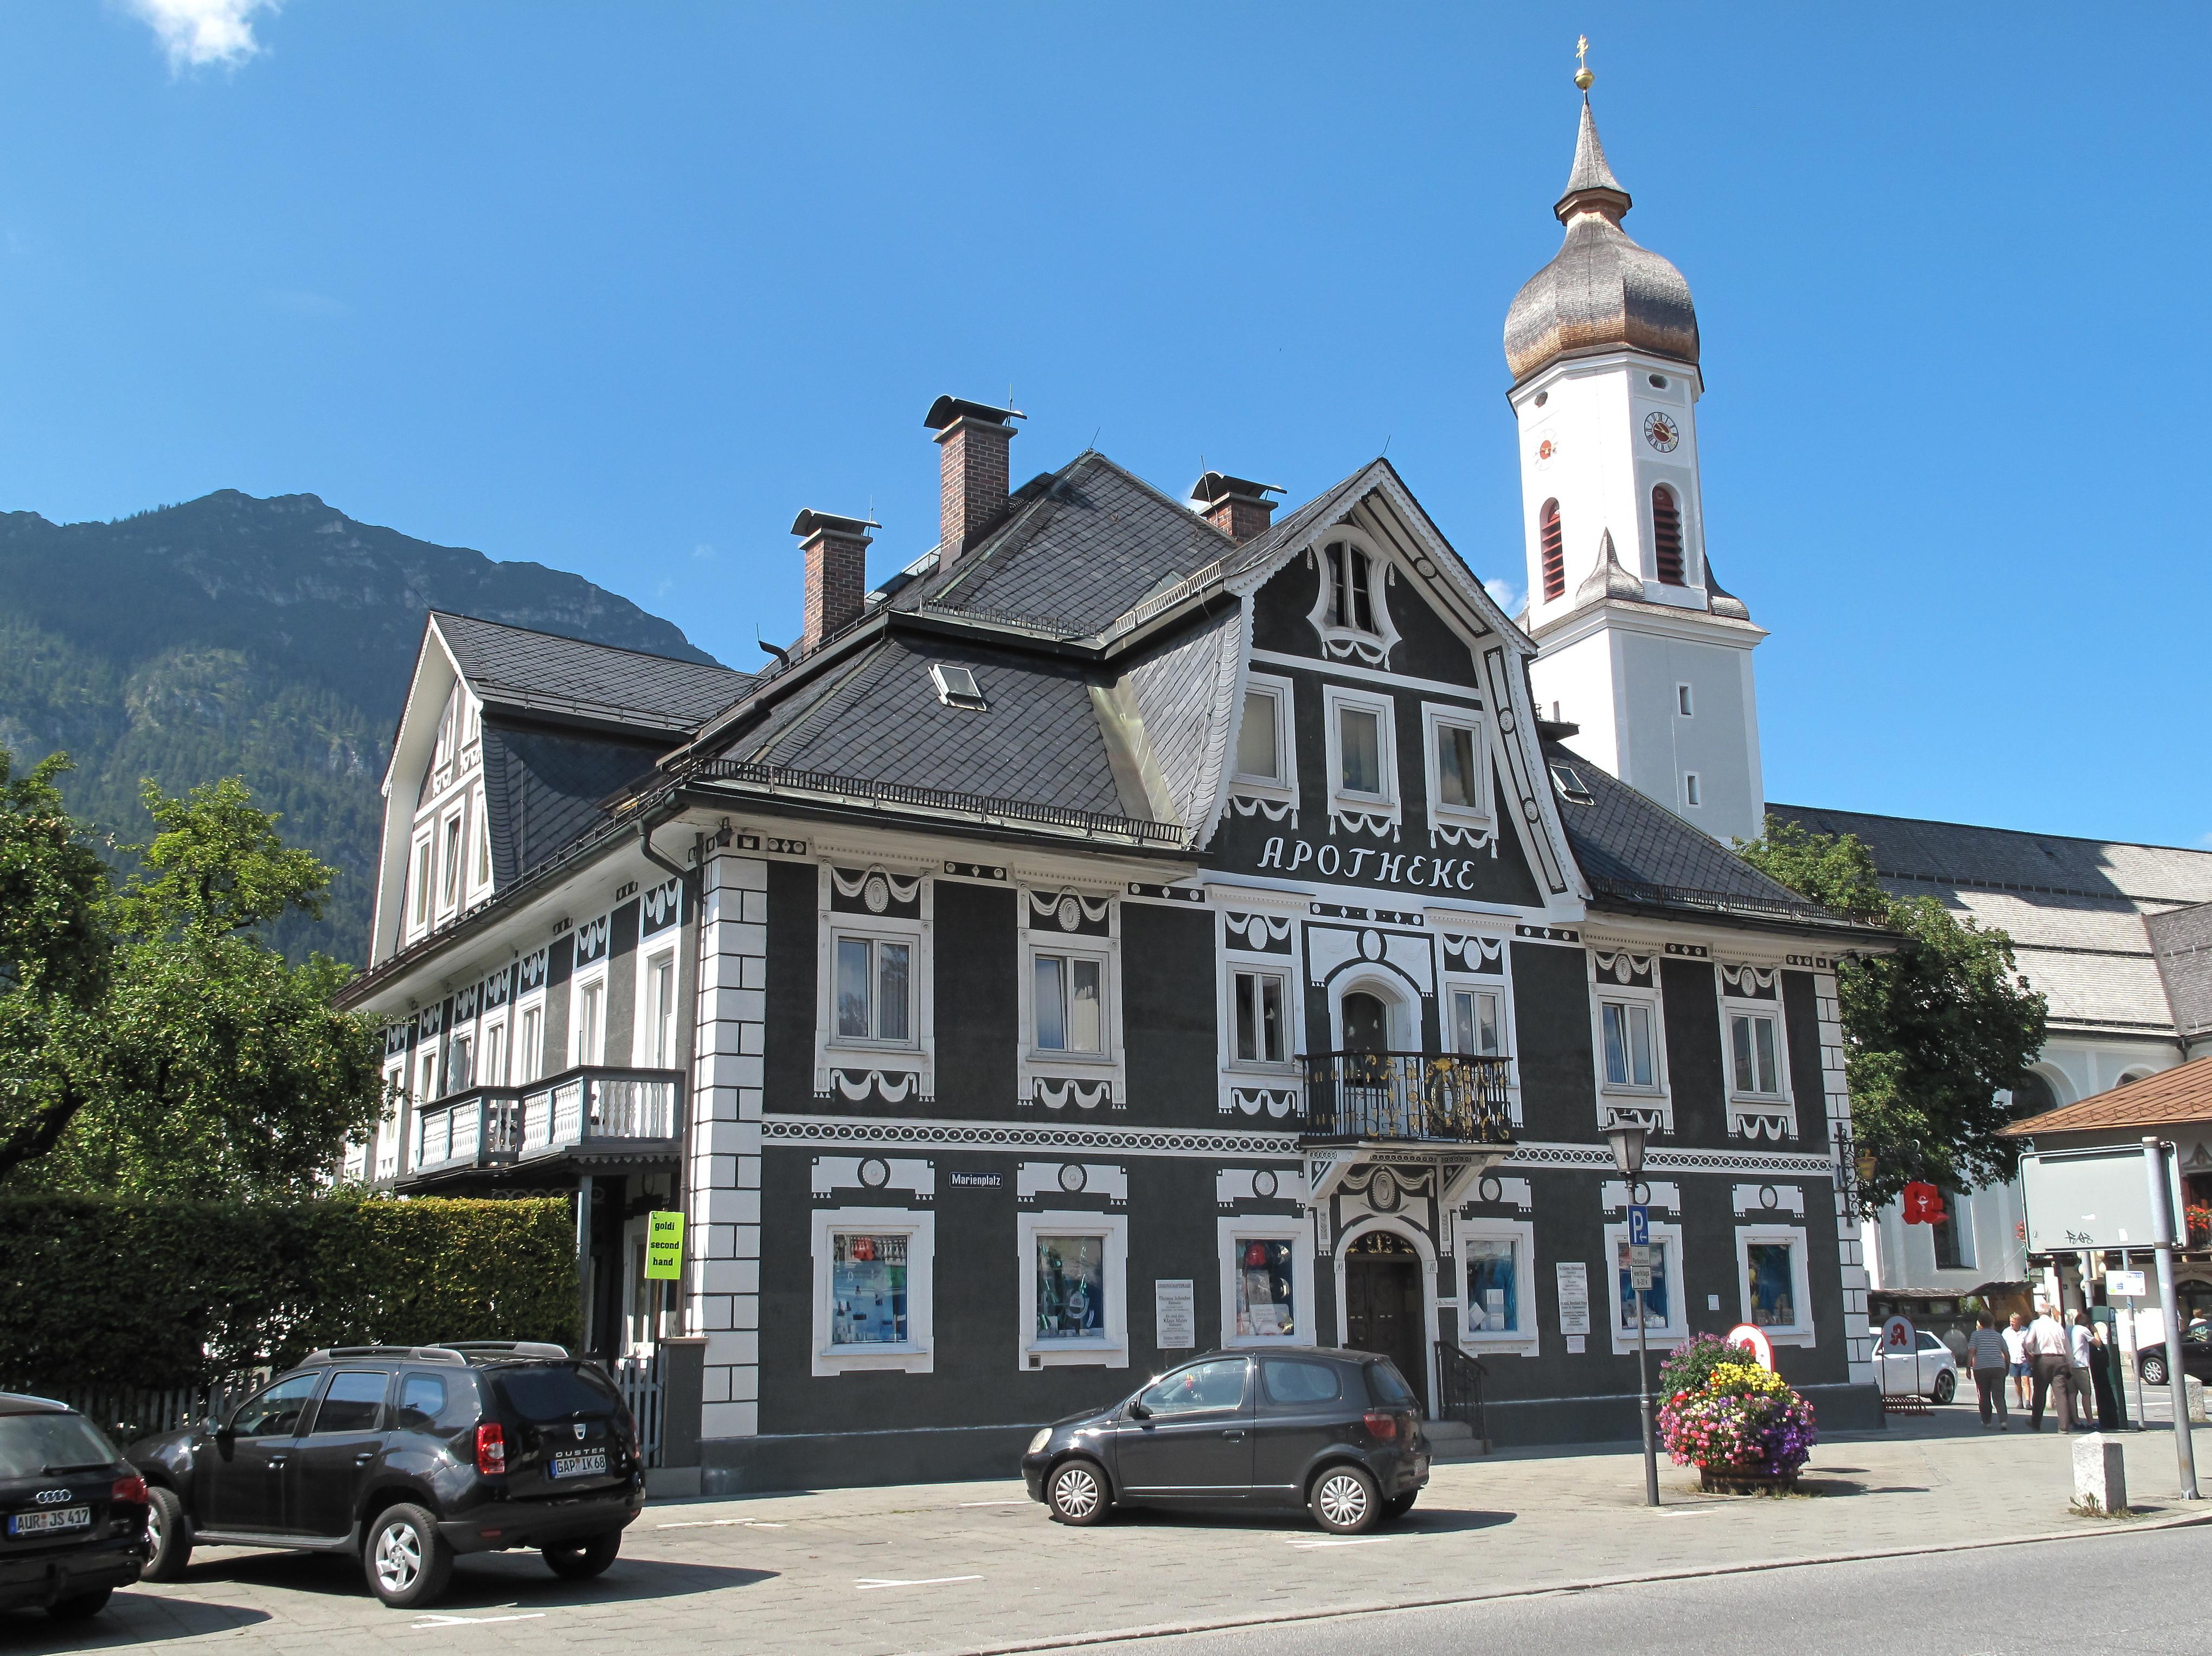 Fichier garmisch sankt martin kirche met apotheek 2012 08 - Garmisch partenkirchen office du tourisme ...